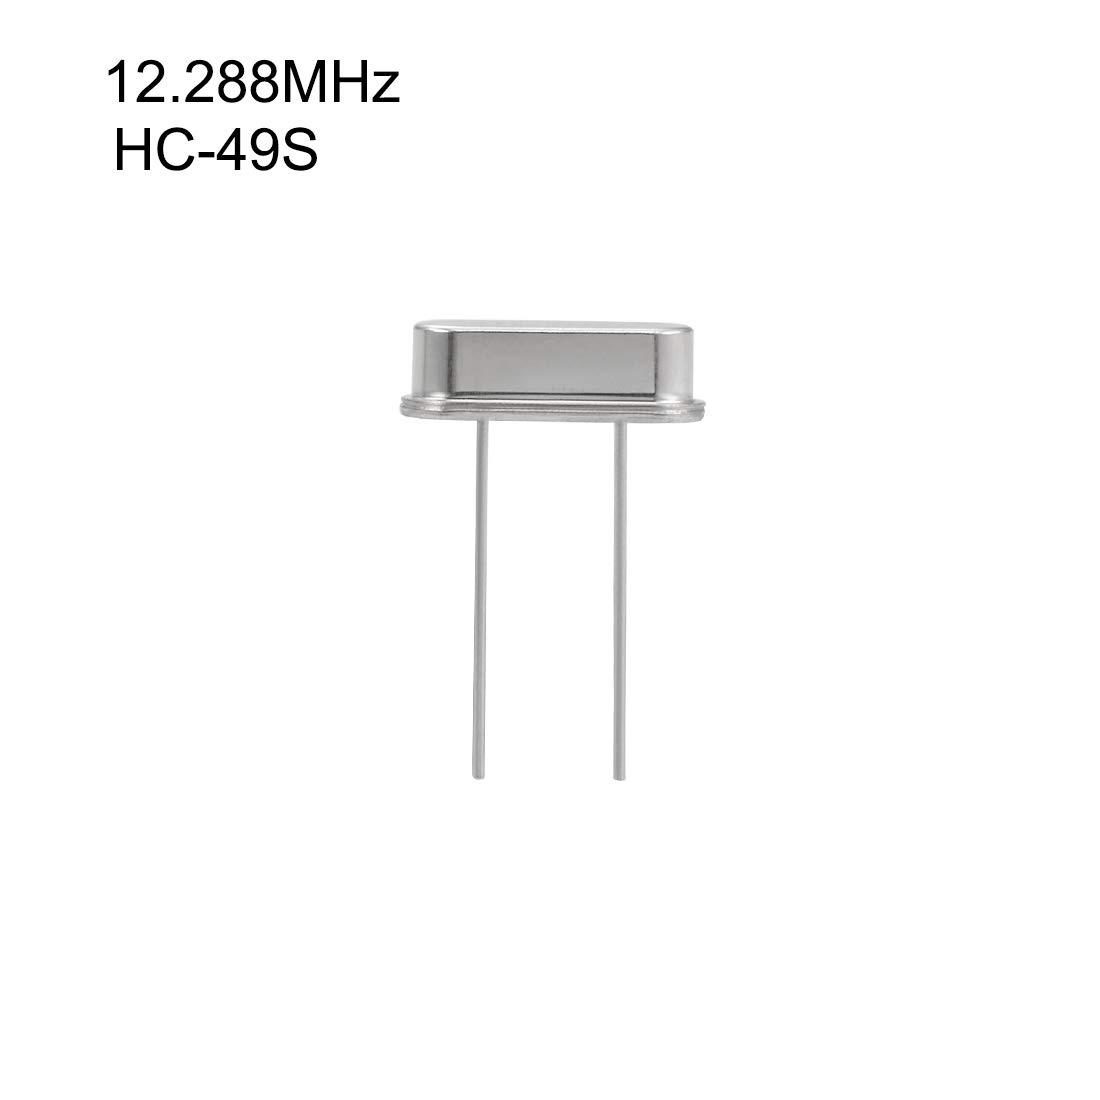 uxcell DIP Quartz Crystal Oscillators Resonators 3.579545MHz HC-49S Replacements 5 Pcs